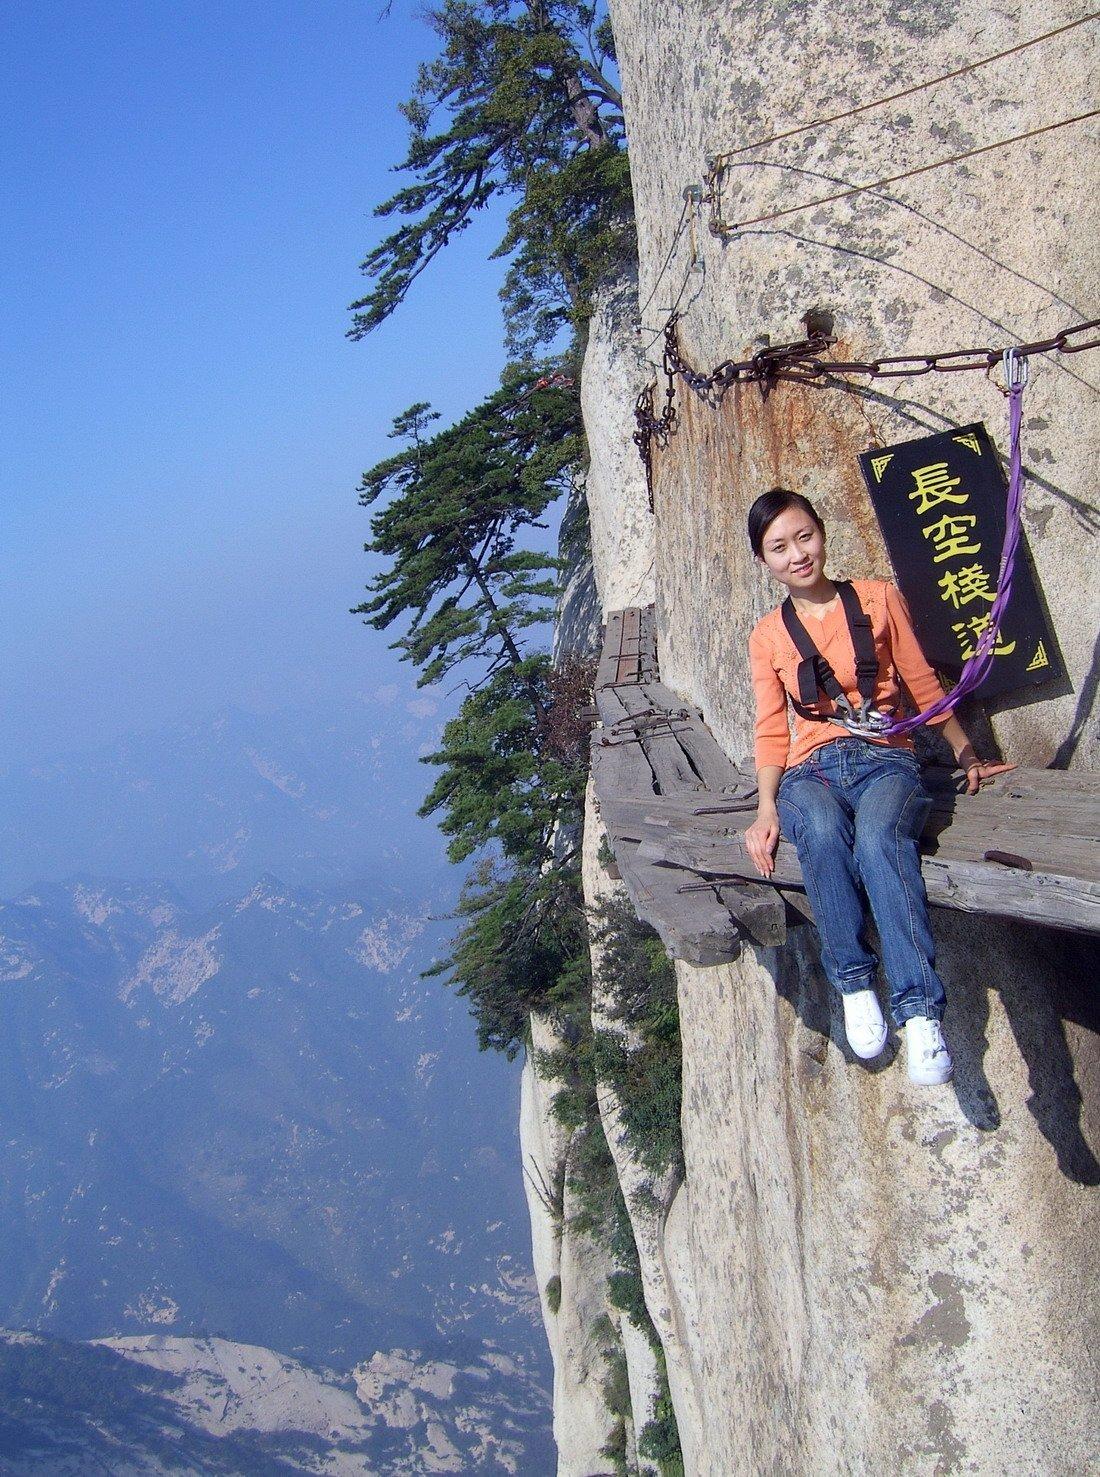 Droga na szczyt Hua Shan 27